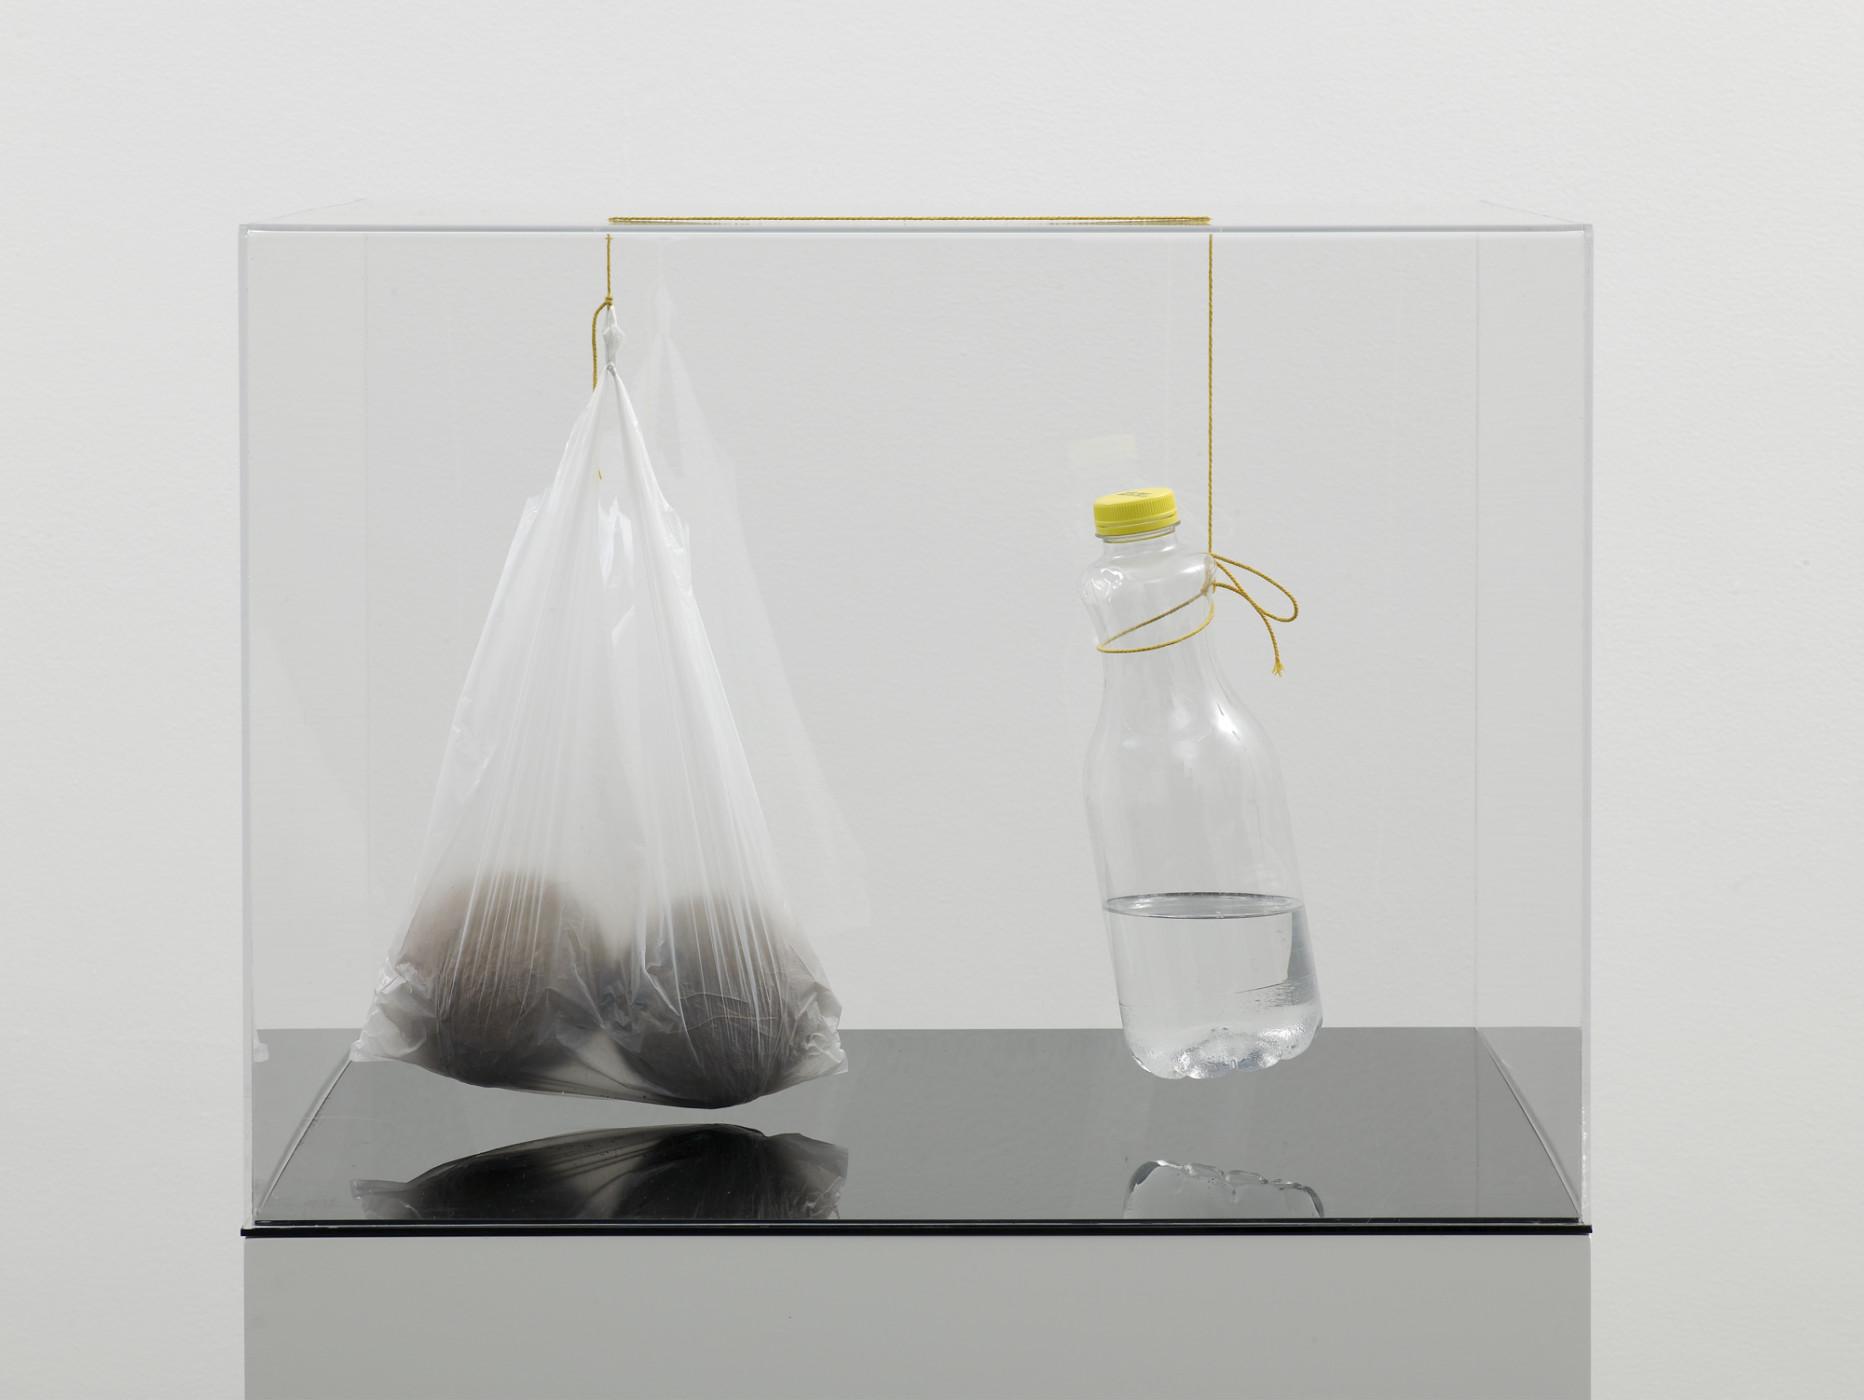 """<div class=""""artwork_caption""""><div class=""""title""""><em>SELF PORTRAIT AS A RETENTION AND FLOW DIAGRAM 3</em>, 2009</div><div class=""""medium"""">perspex, string, liquid, plastic bottle, plastic bag, coconuts</div><div class=""""dimensions"""">46.0 x 60.8 x 60.8 cm<br />18 1/8 x 23 7/8 x 23 7/8 in.</div></div>"""